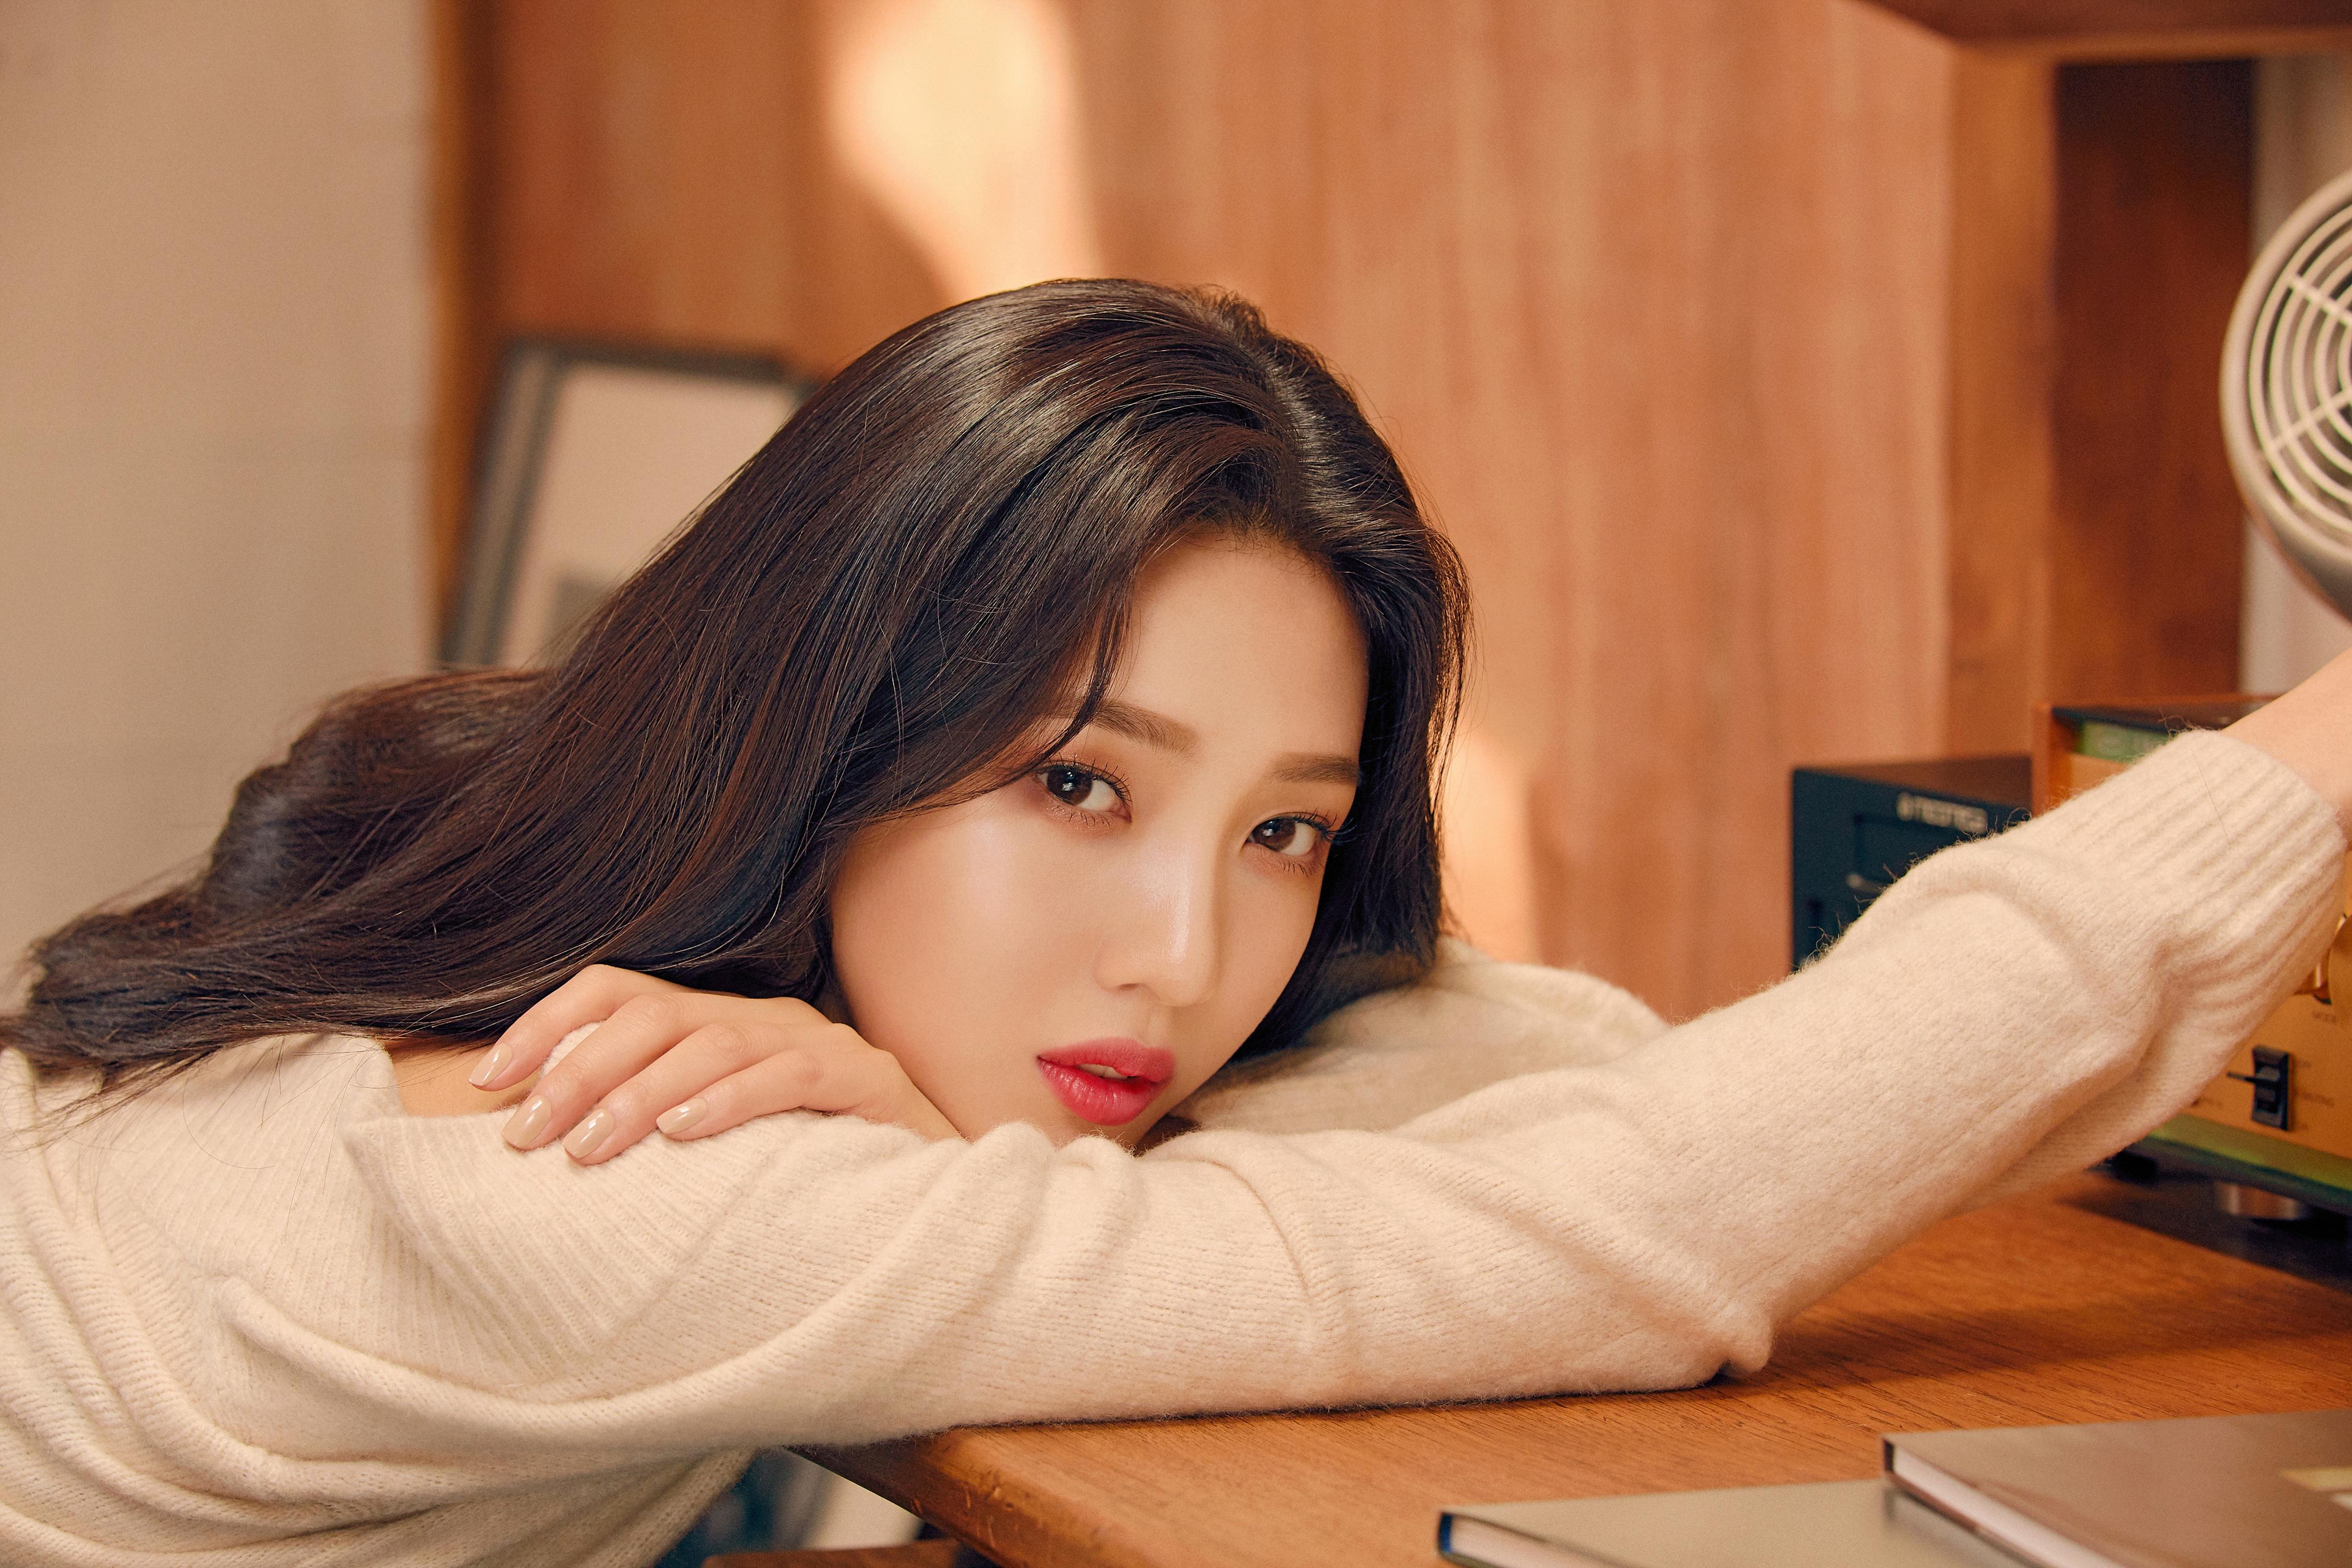 레드벨벳 조이 에스쁘아 2019 가을 신상 메이크업 화보 고화질